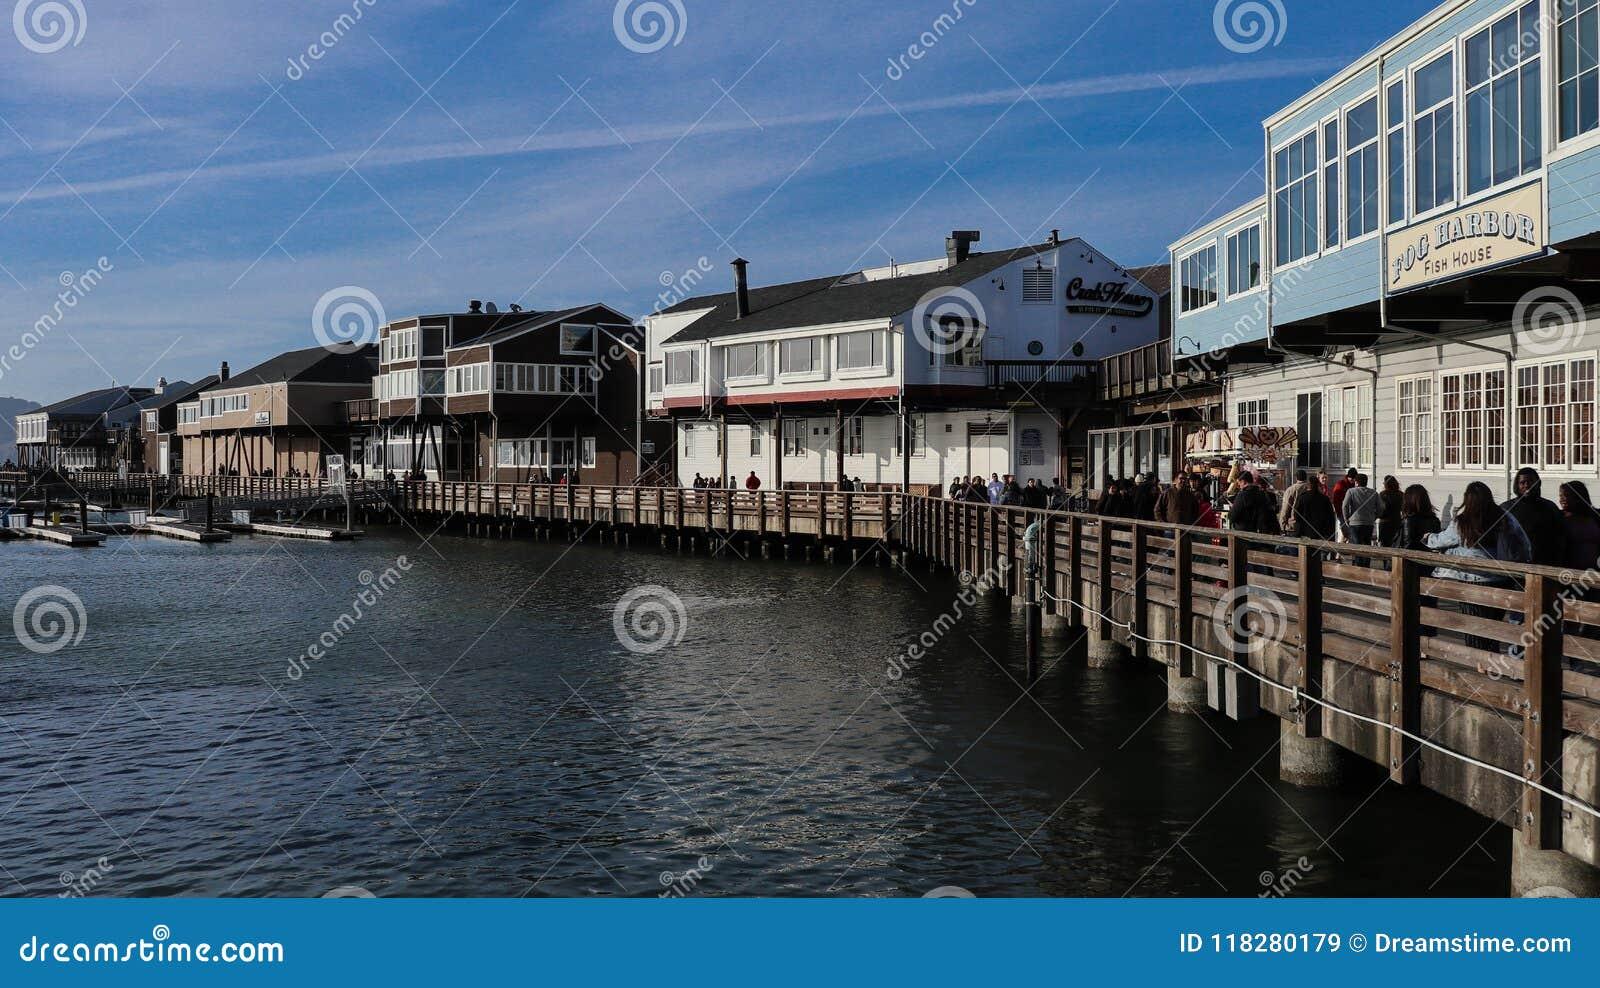 San Francisco harbor with pier